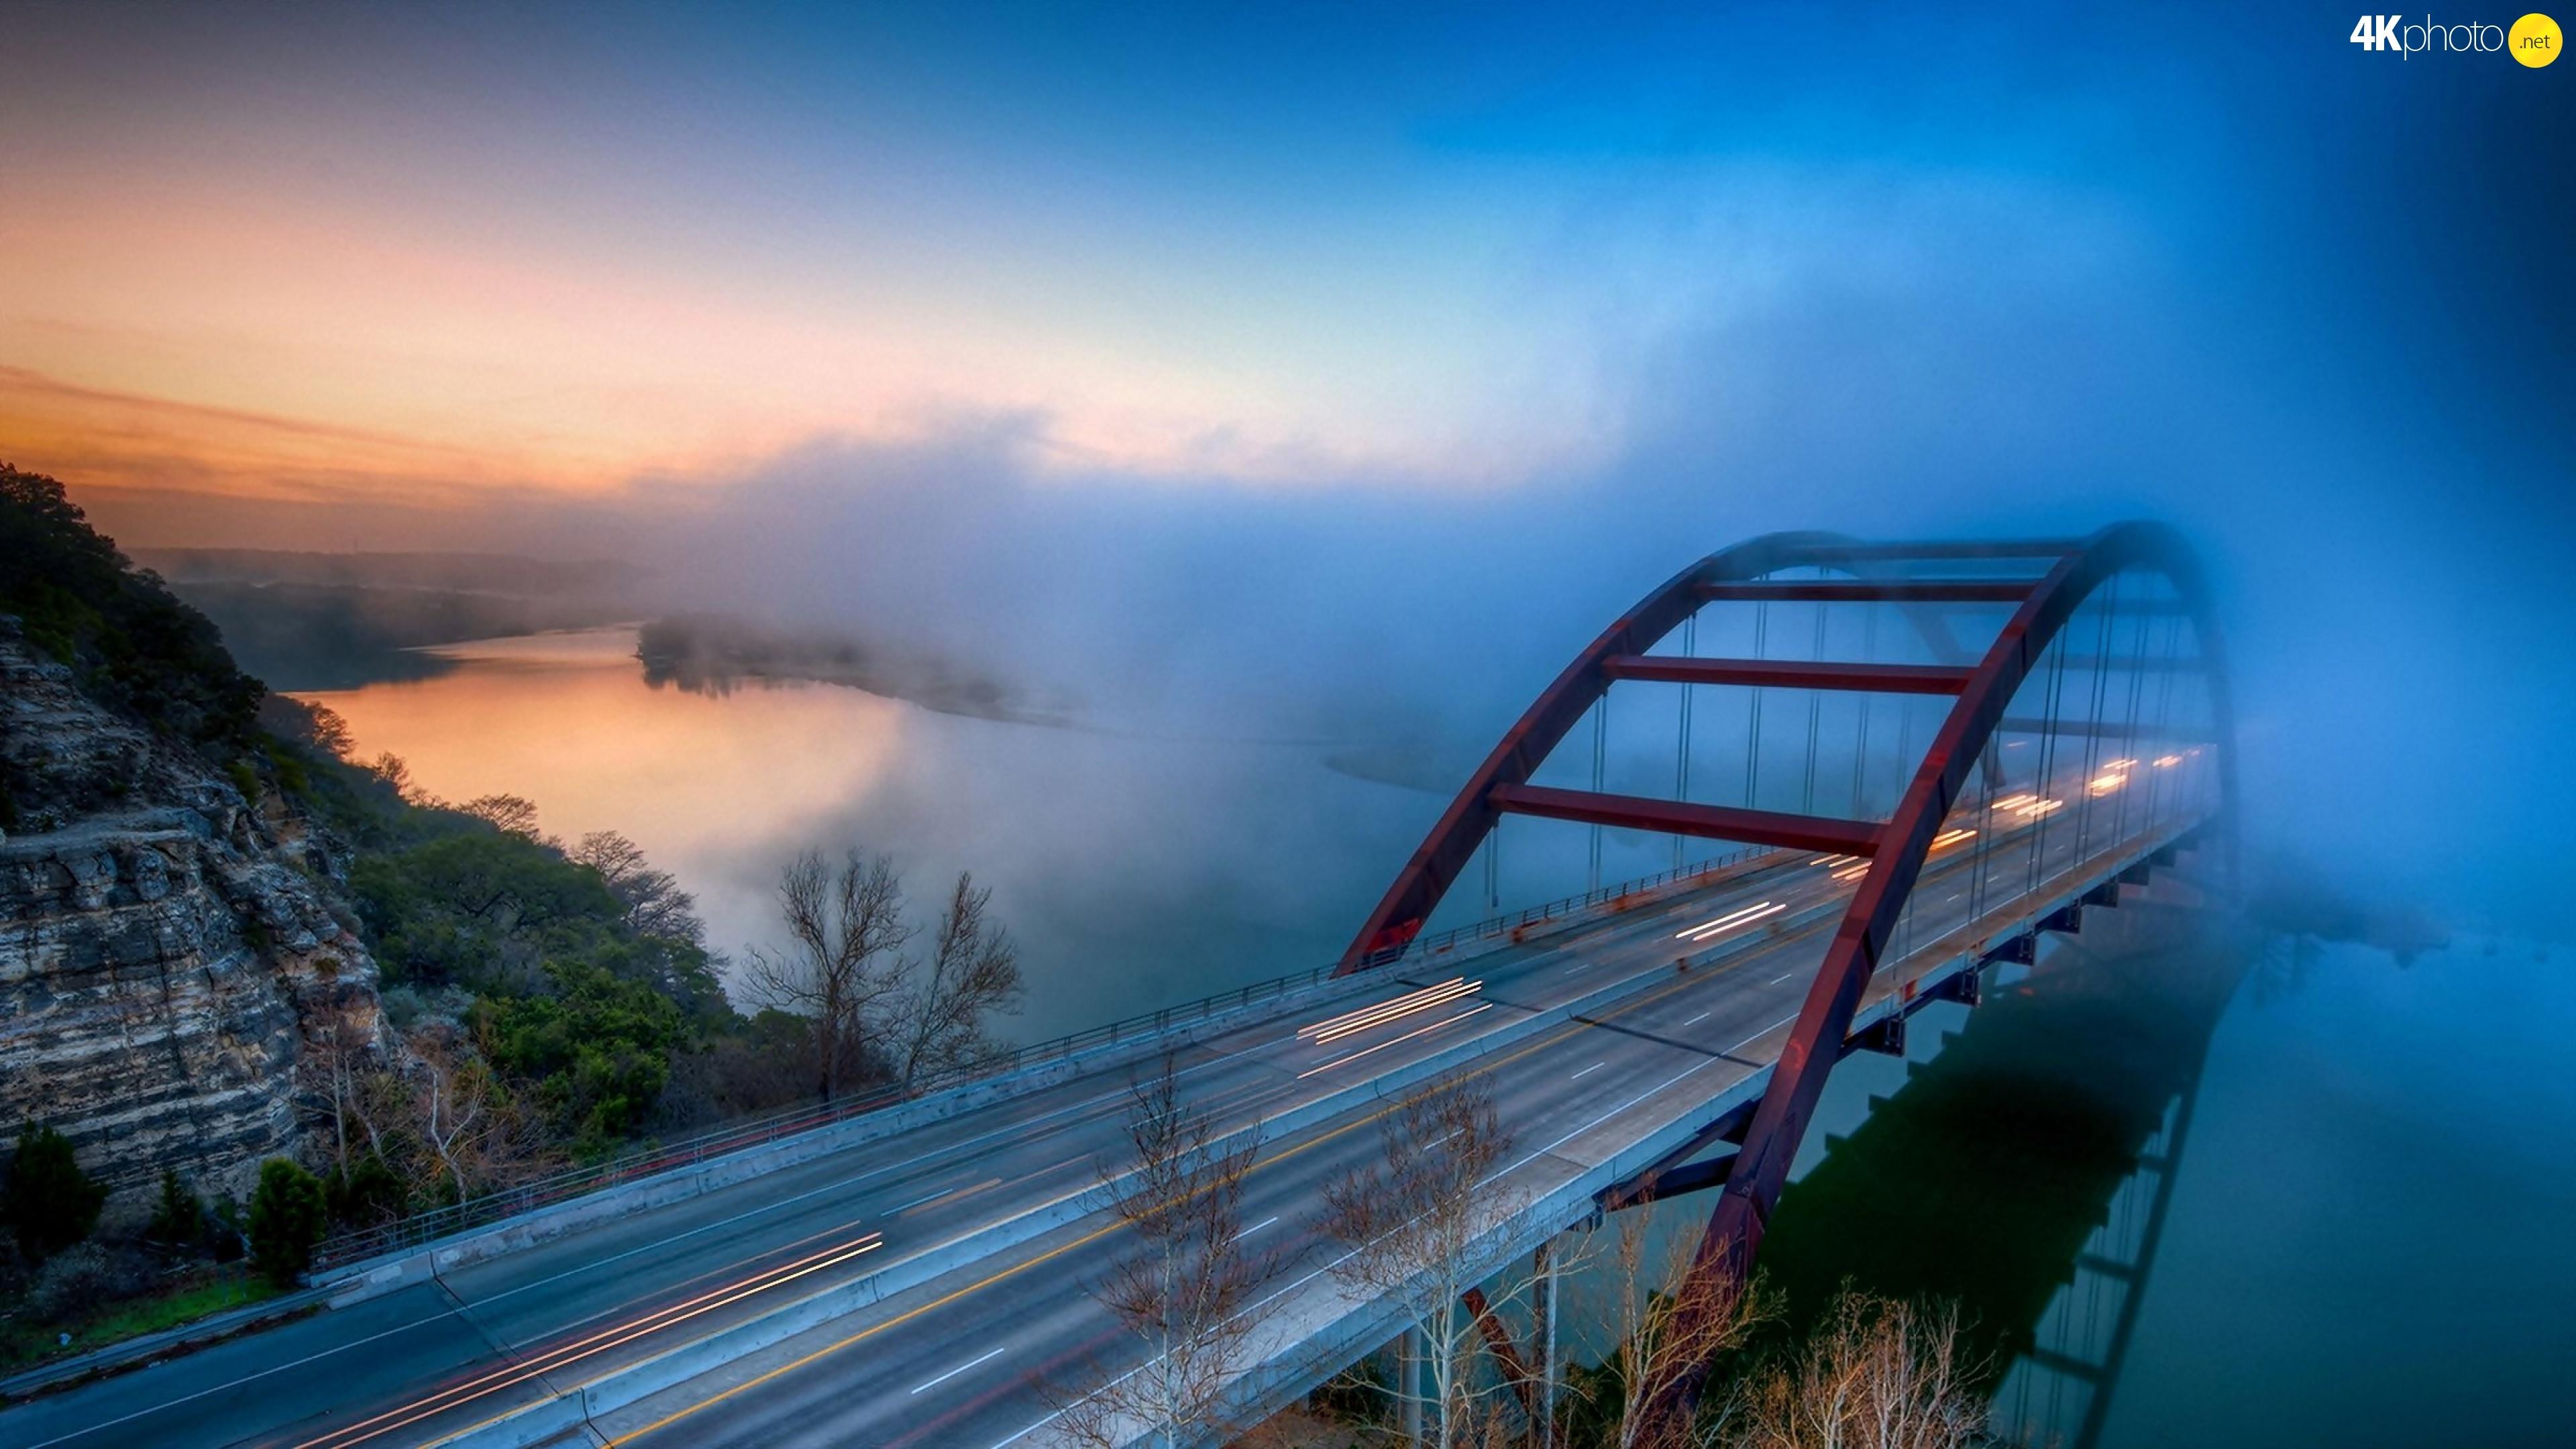 мост река архитектура без регистрации